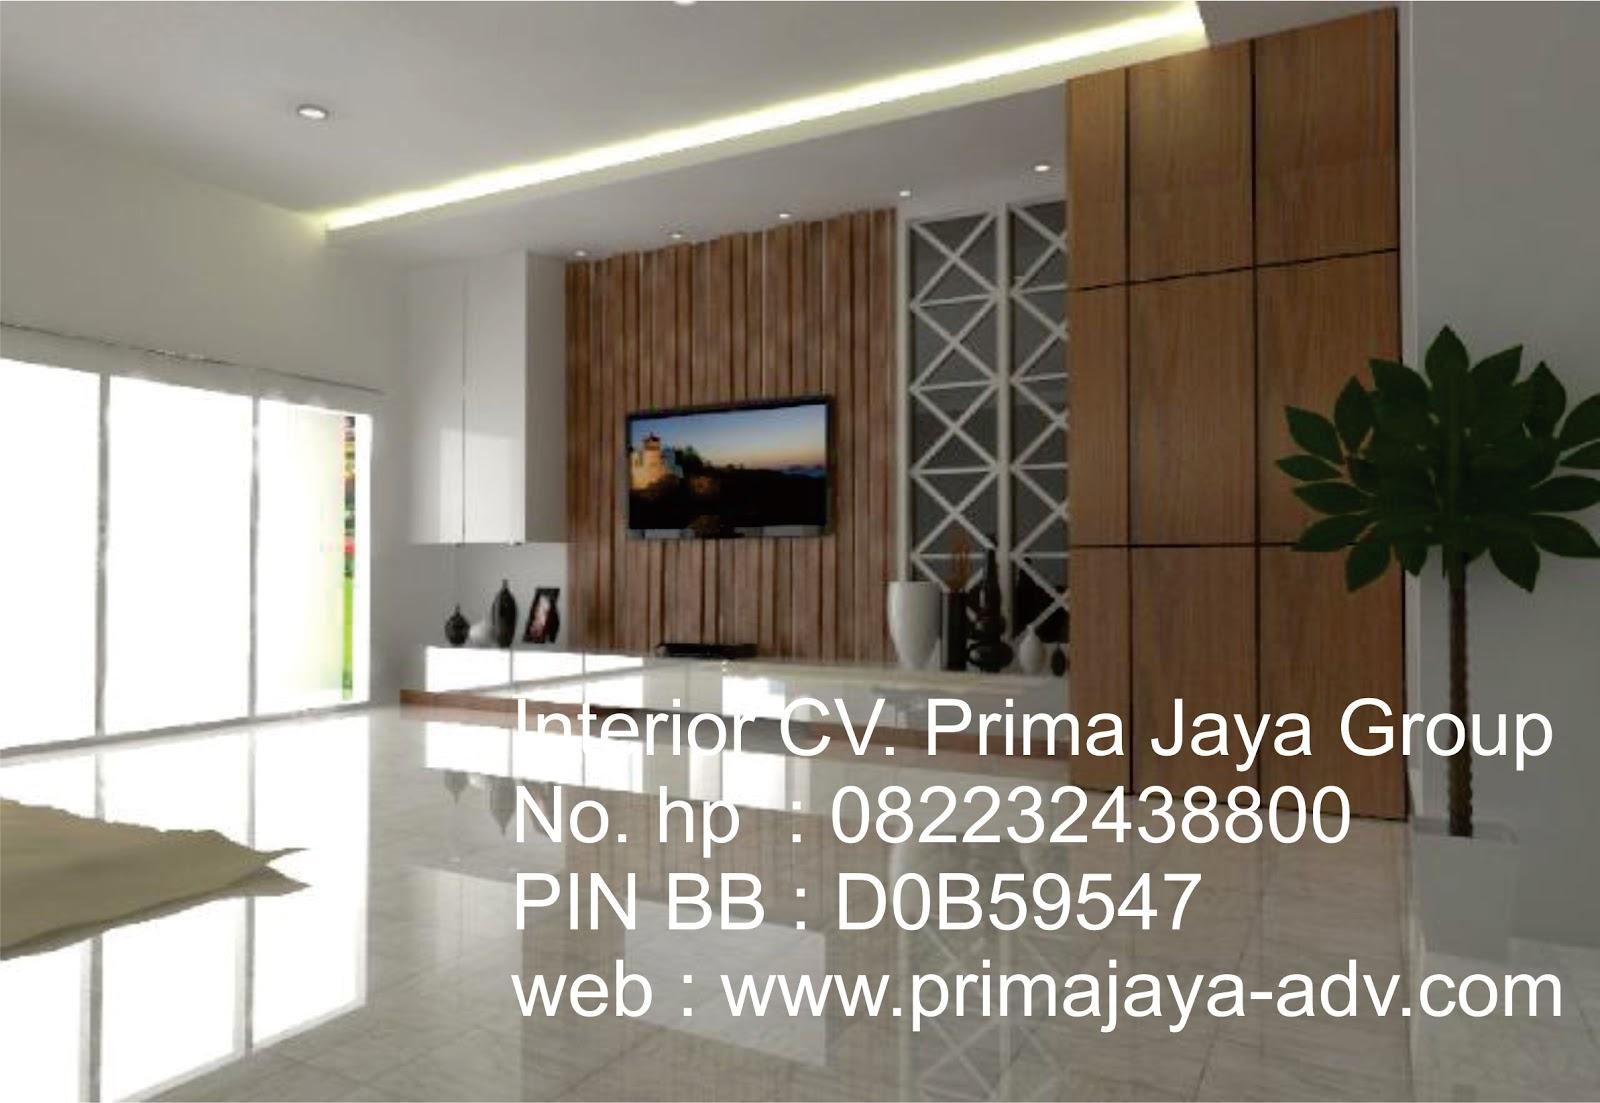 Desain Interior Rumah Minimalis Surabaya jasa desain interior rumah minimalis murah surabaya - jasa desain & Desain Interior Rumah Minimalis Surabaya - Denah Rumah